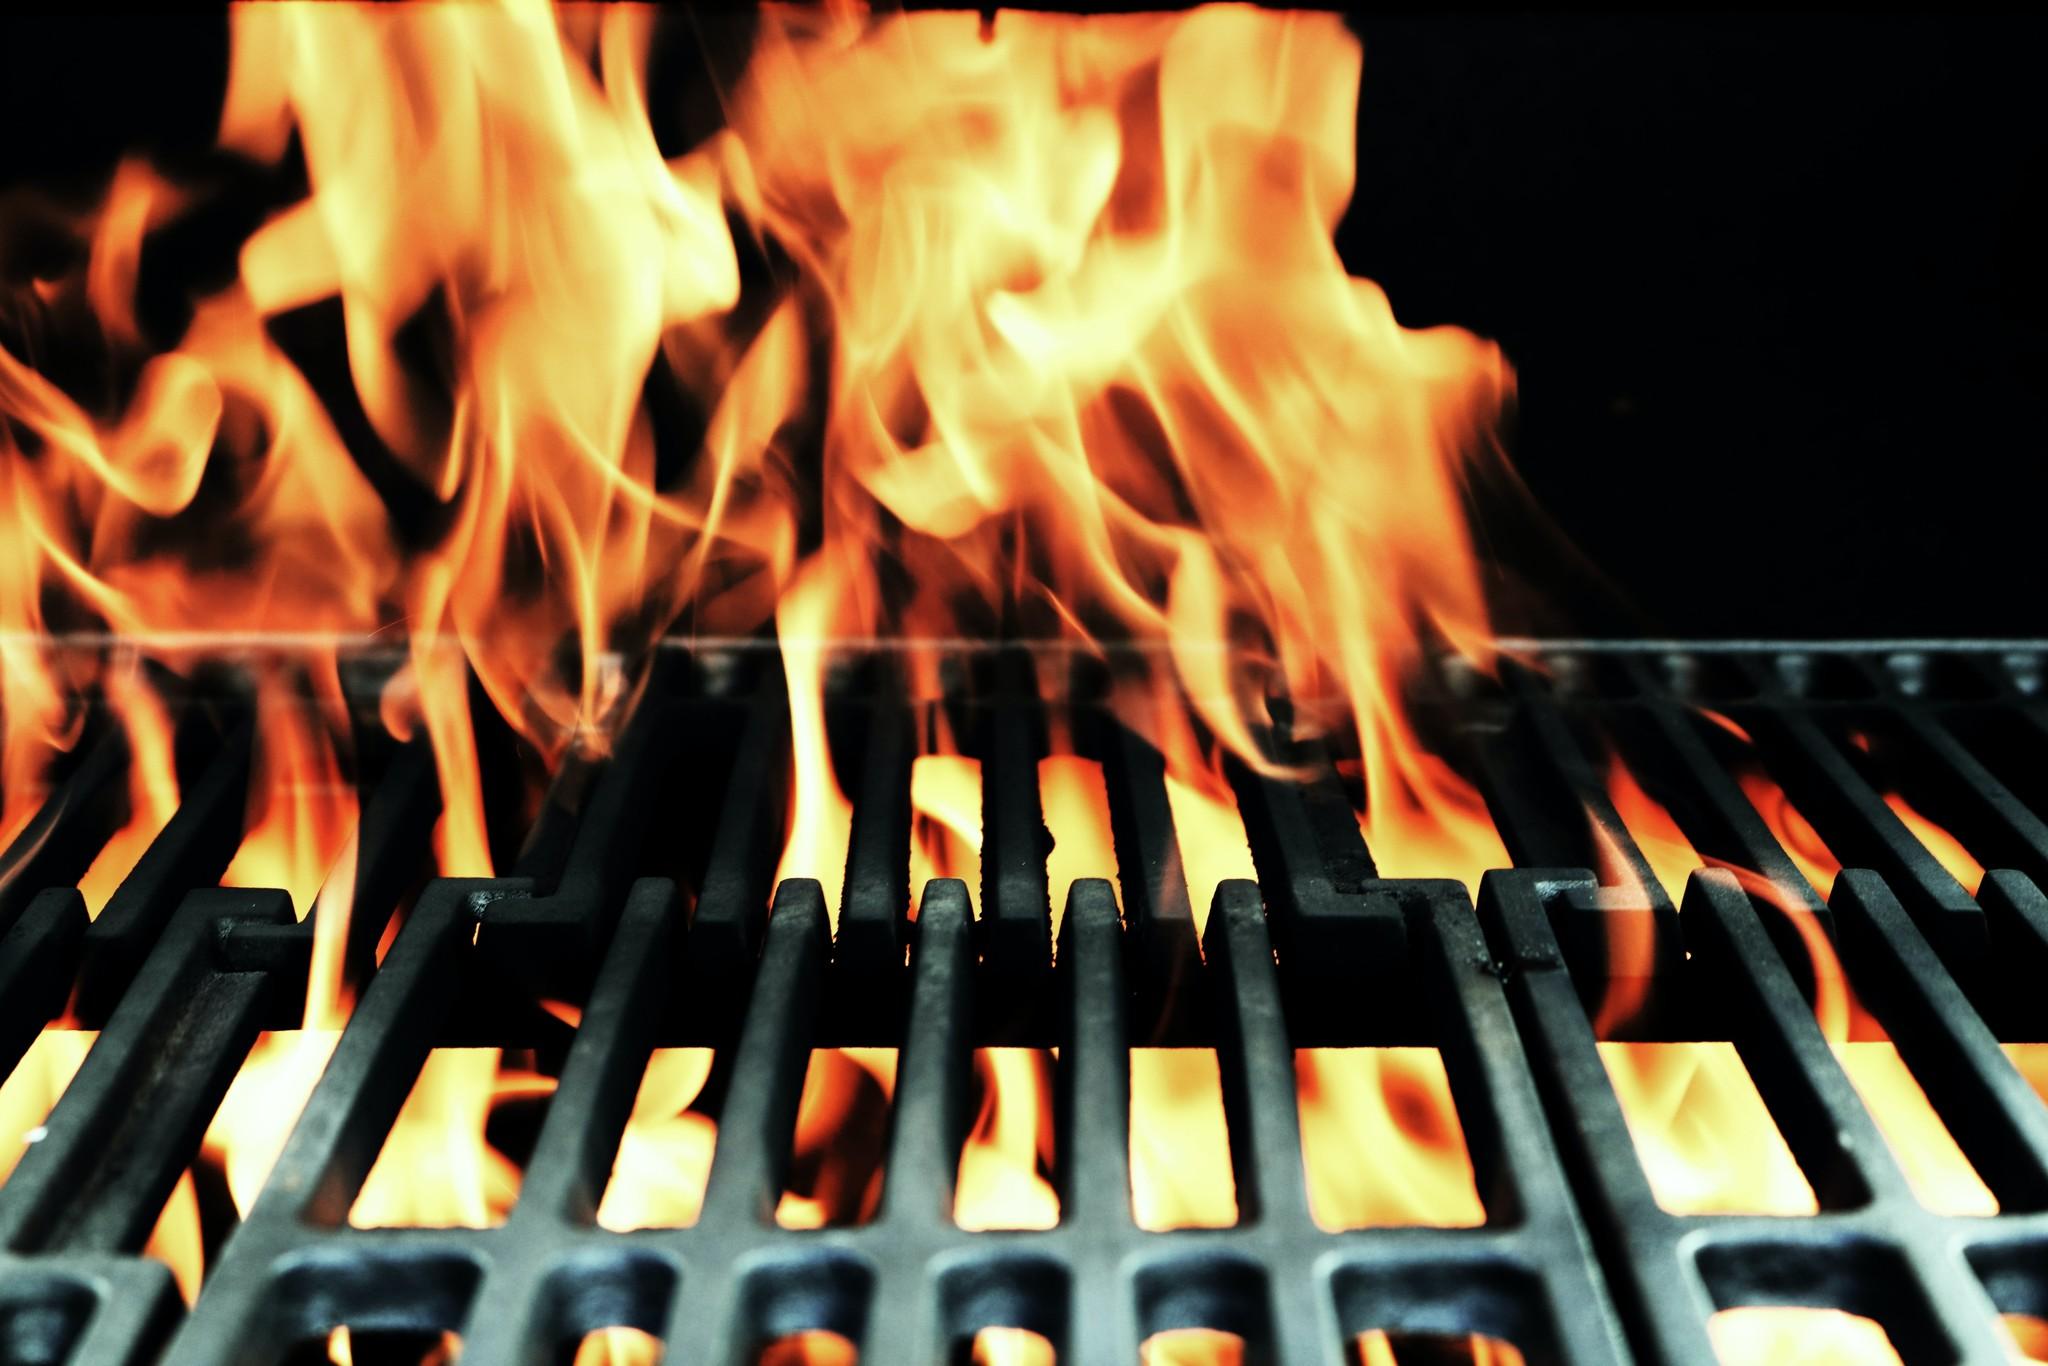 Hoe houd ik mijn barbecue schoon?